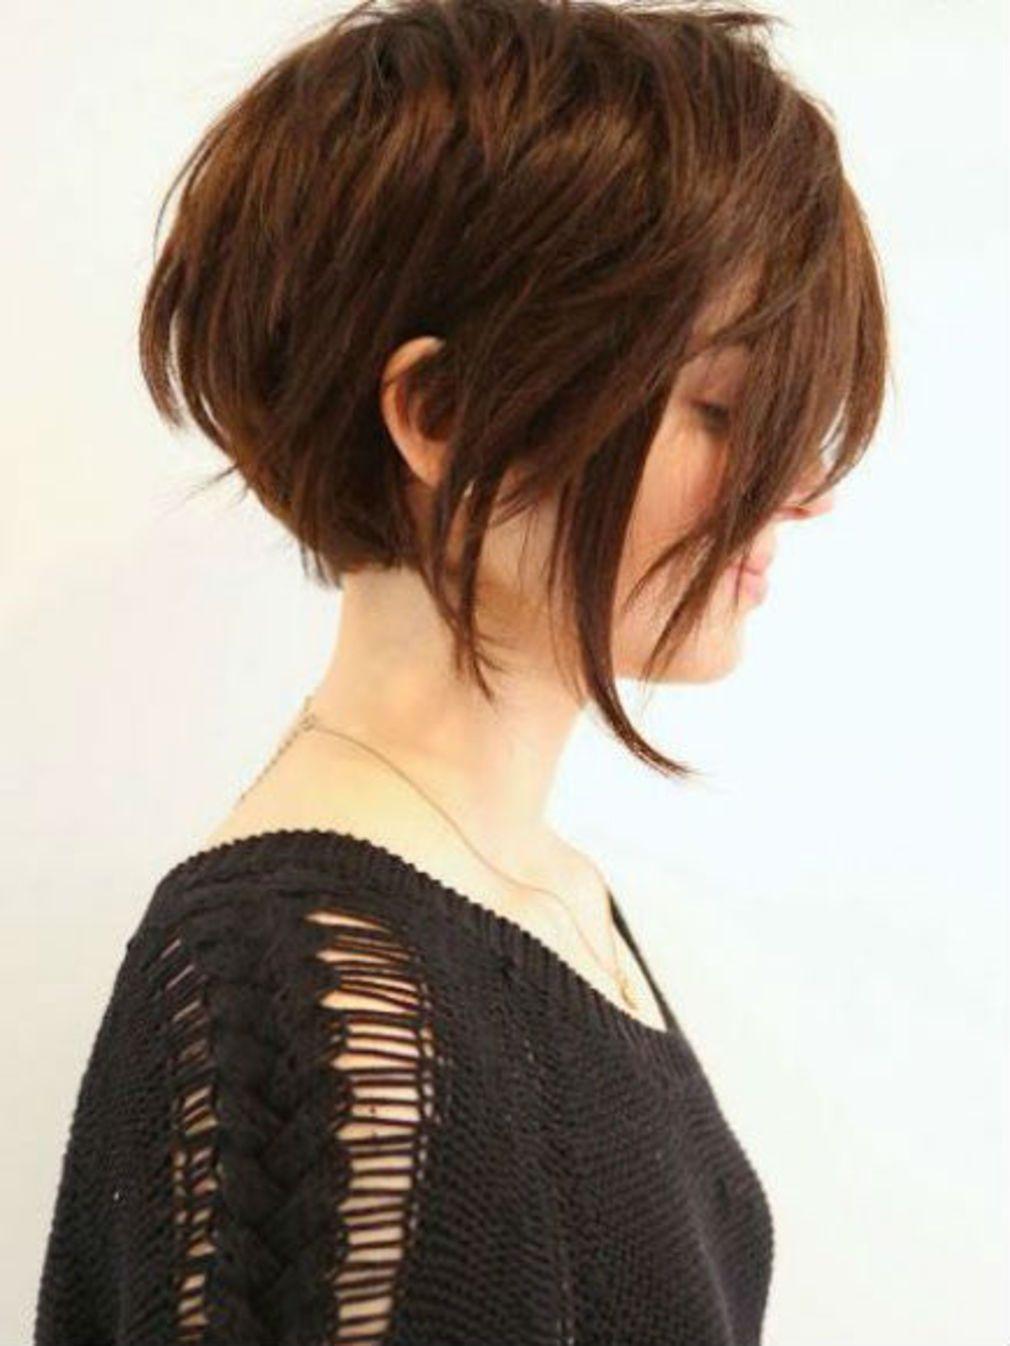 Carré plongeant dégradé sur cheveux courts | Cheveux courts carré plongeant, Cheveux courts ...